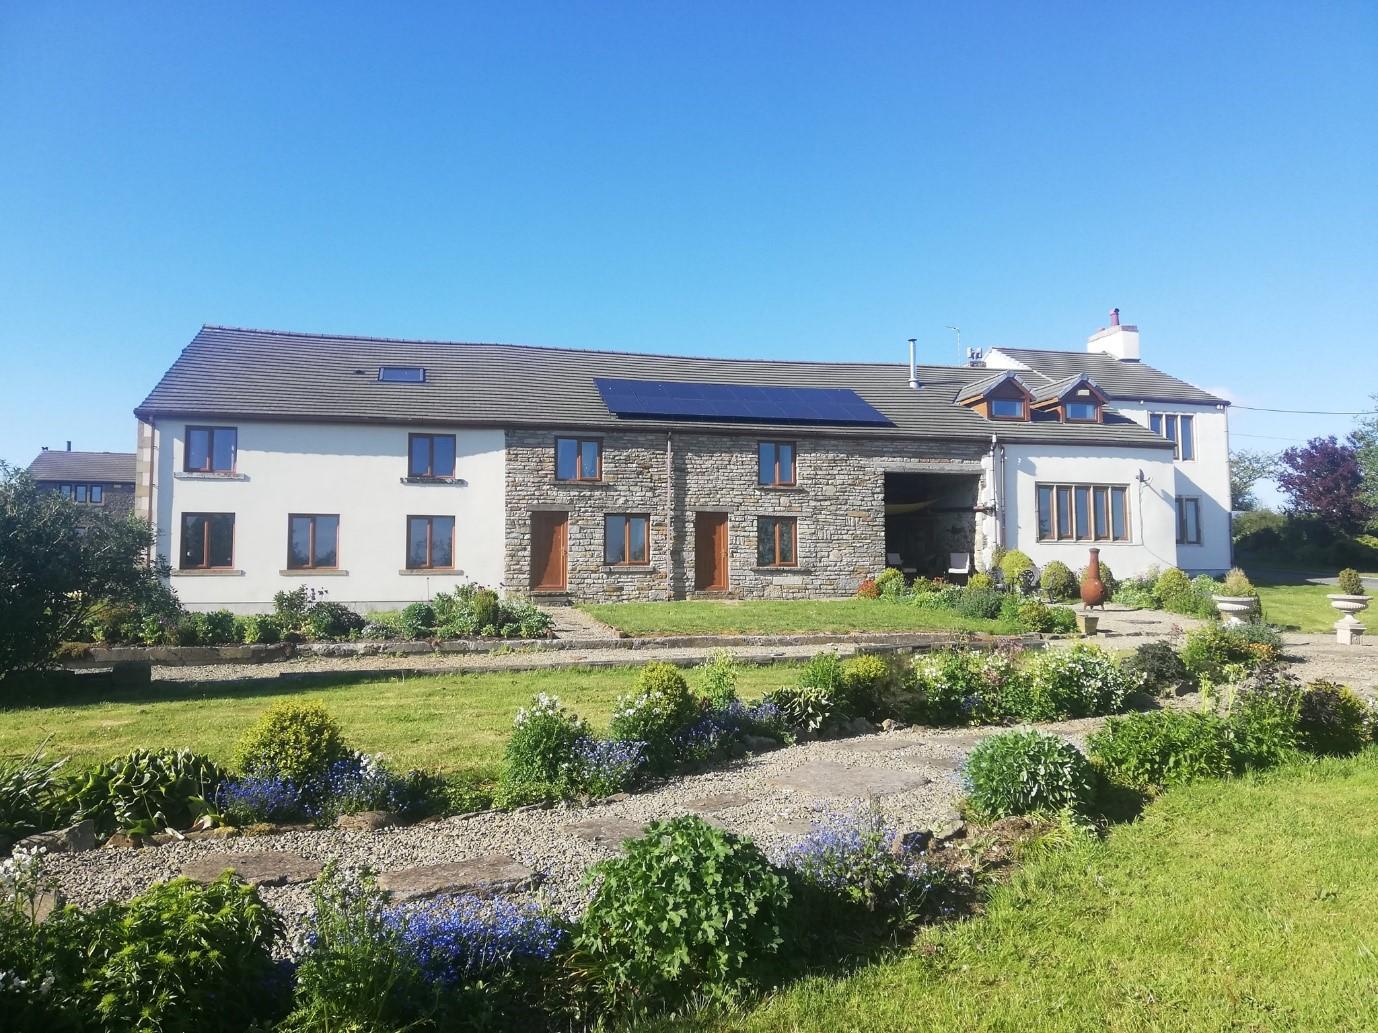 Peers Clough Farm for Visit Rossendale website, B&B in Rossendale